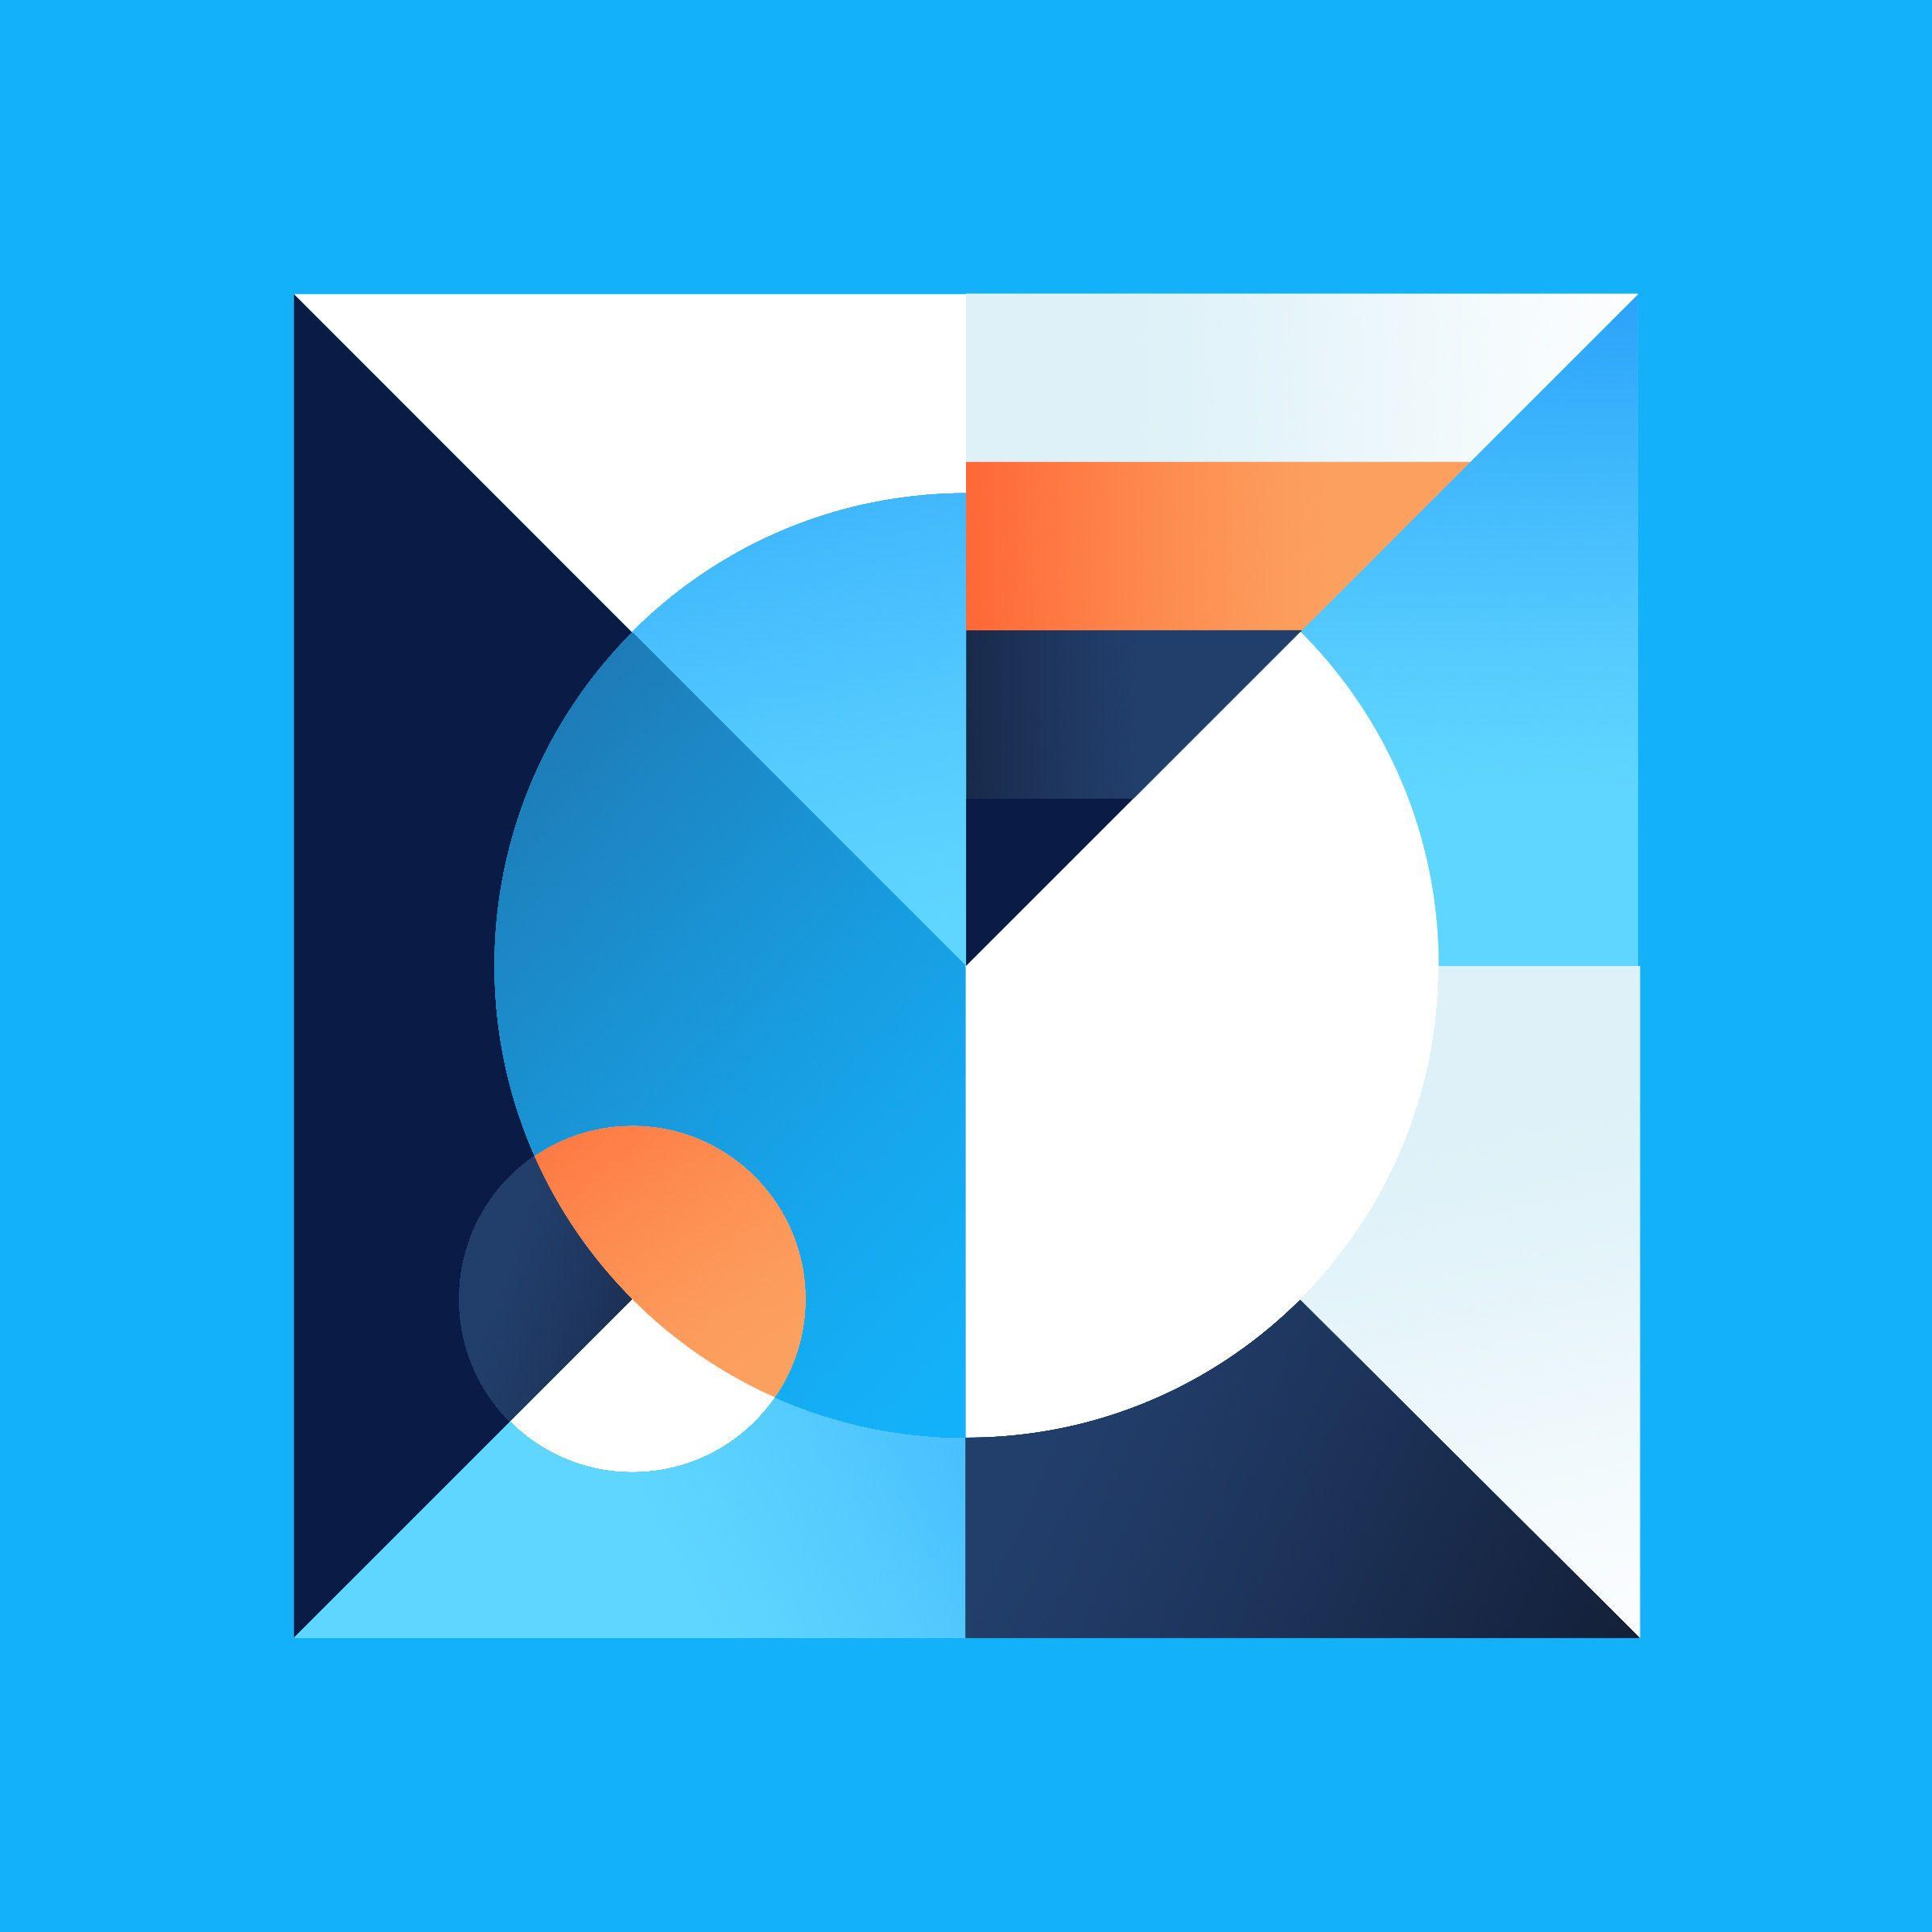 Kleurstaal On Behance In 2019 Geometric Shapes Design